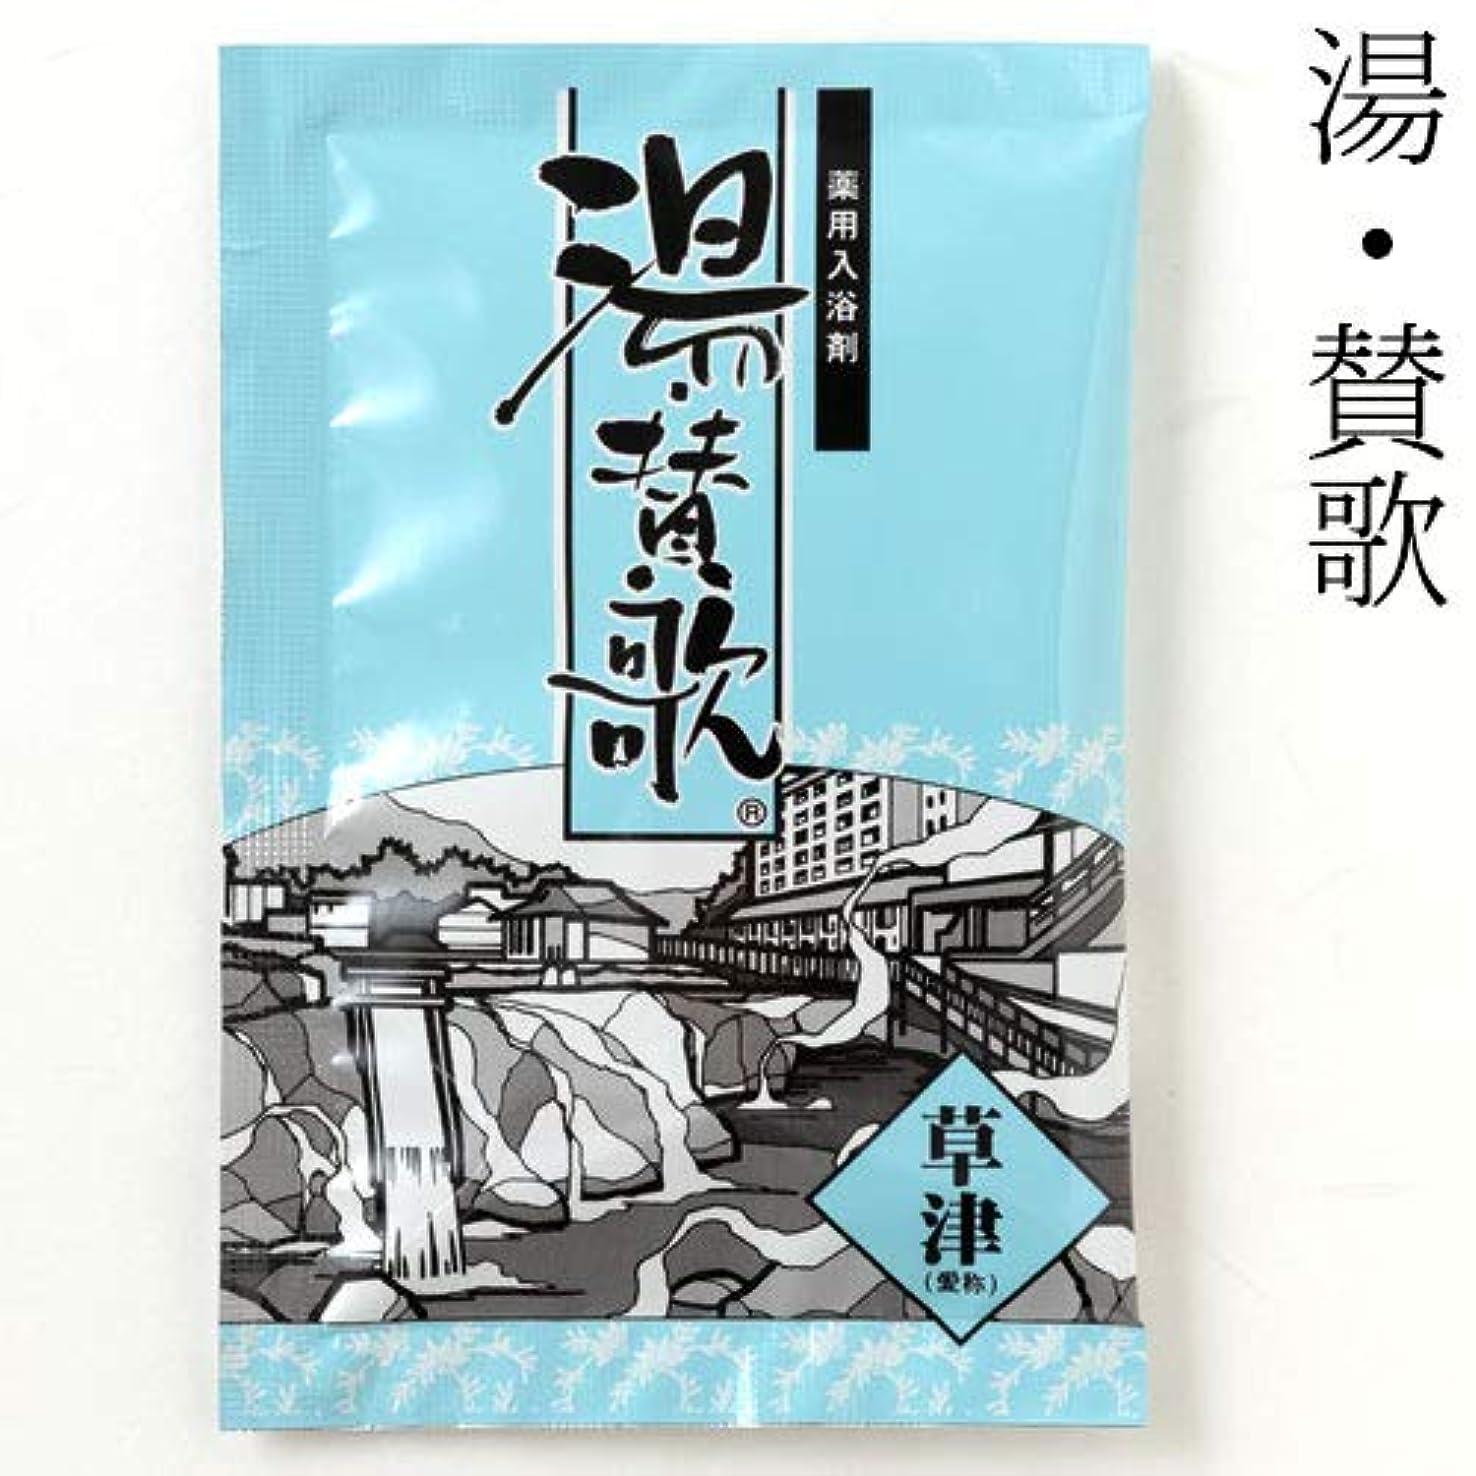 ポーンブーストラダ入浴剤湯?賛歌草津1包石川県のお風呂グッズBath additive, Ishikawa craft